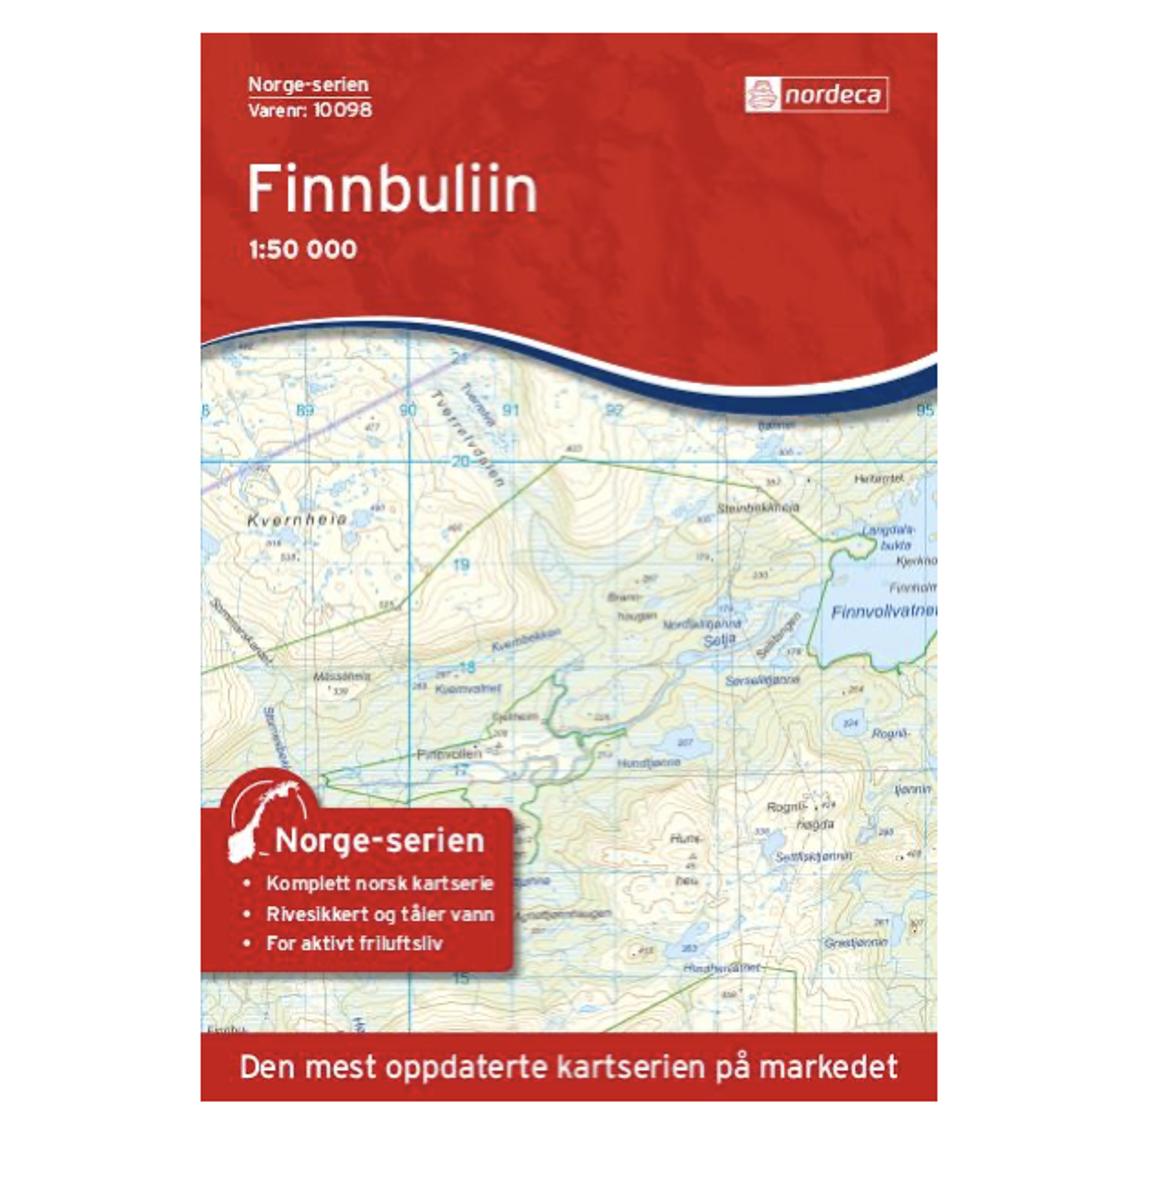 Bilde av Nordeca  Finnbuliin